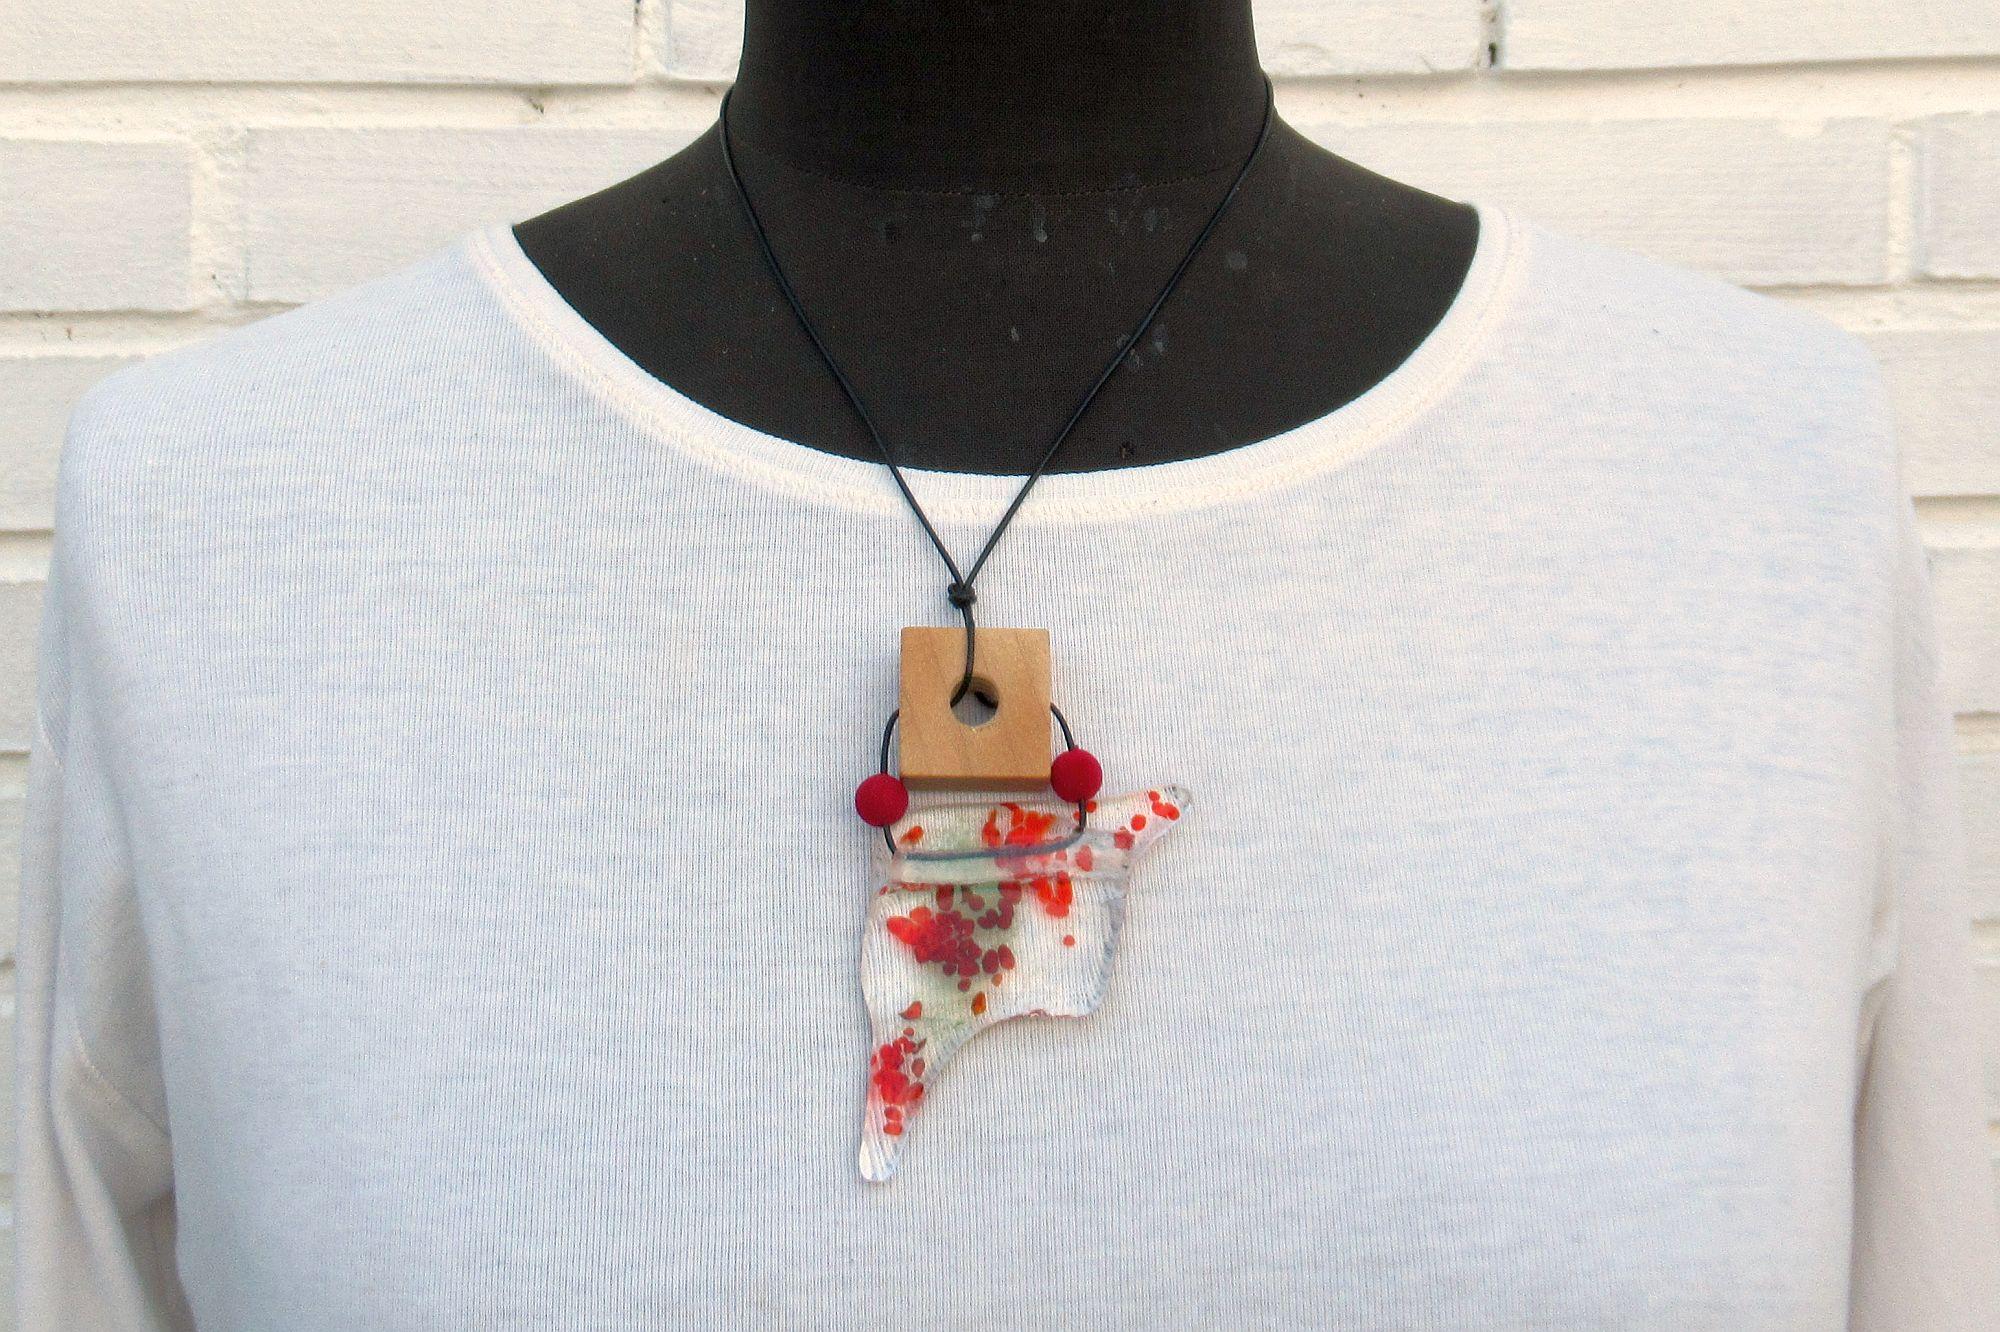 Schöner Glasanhänger für Modeschmuck in Rottönen